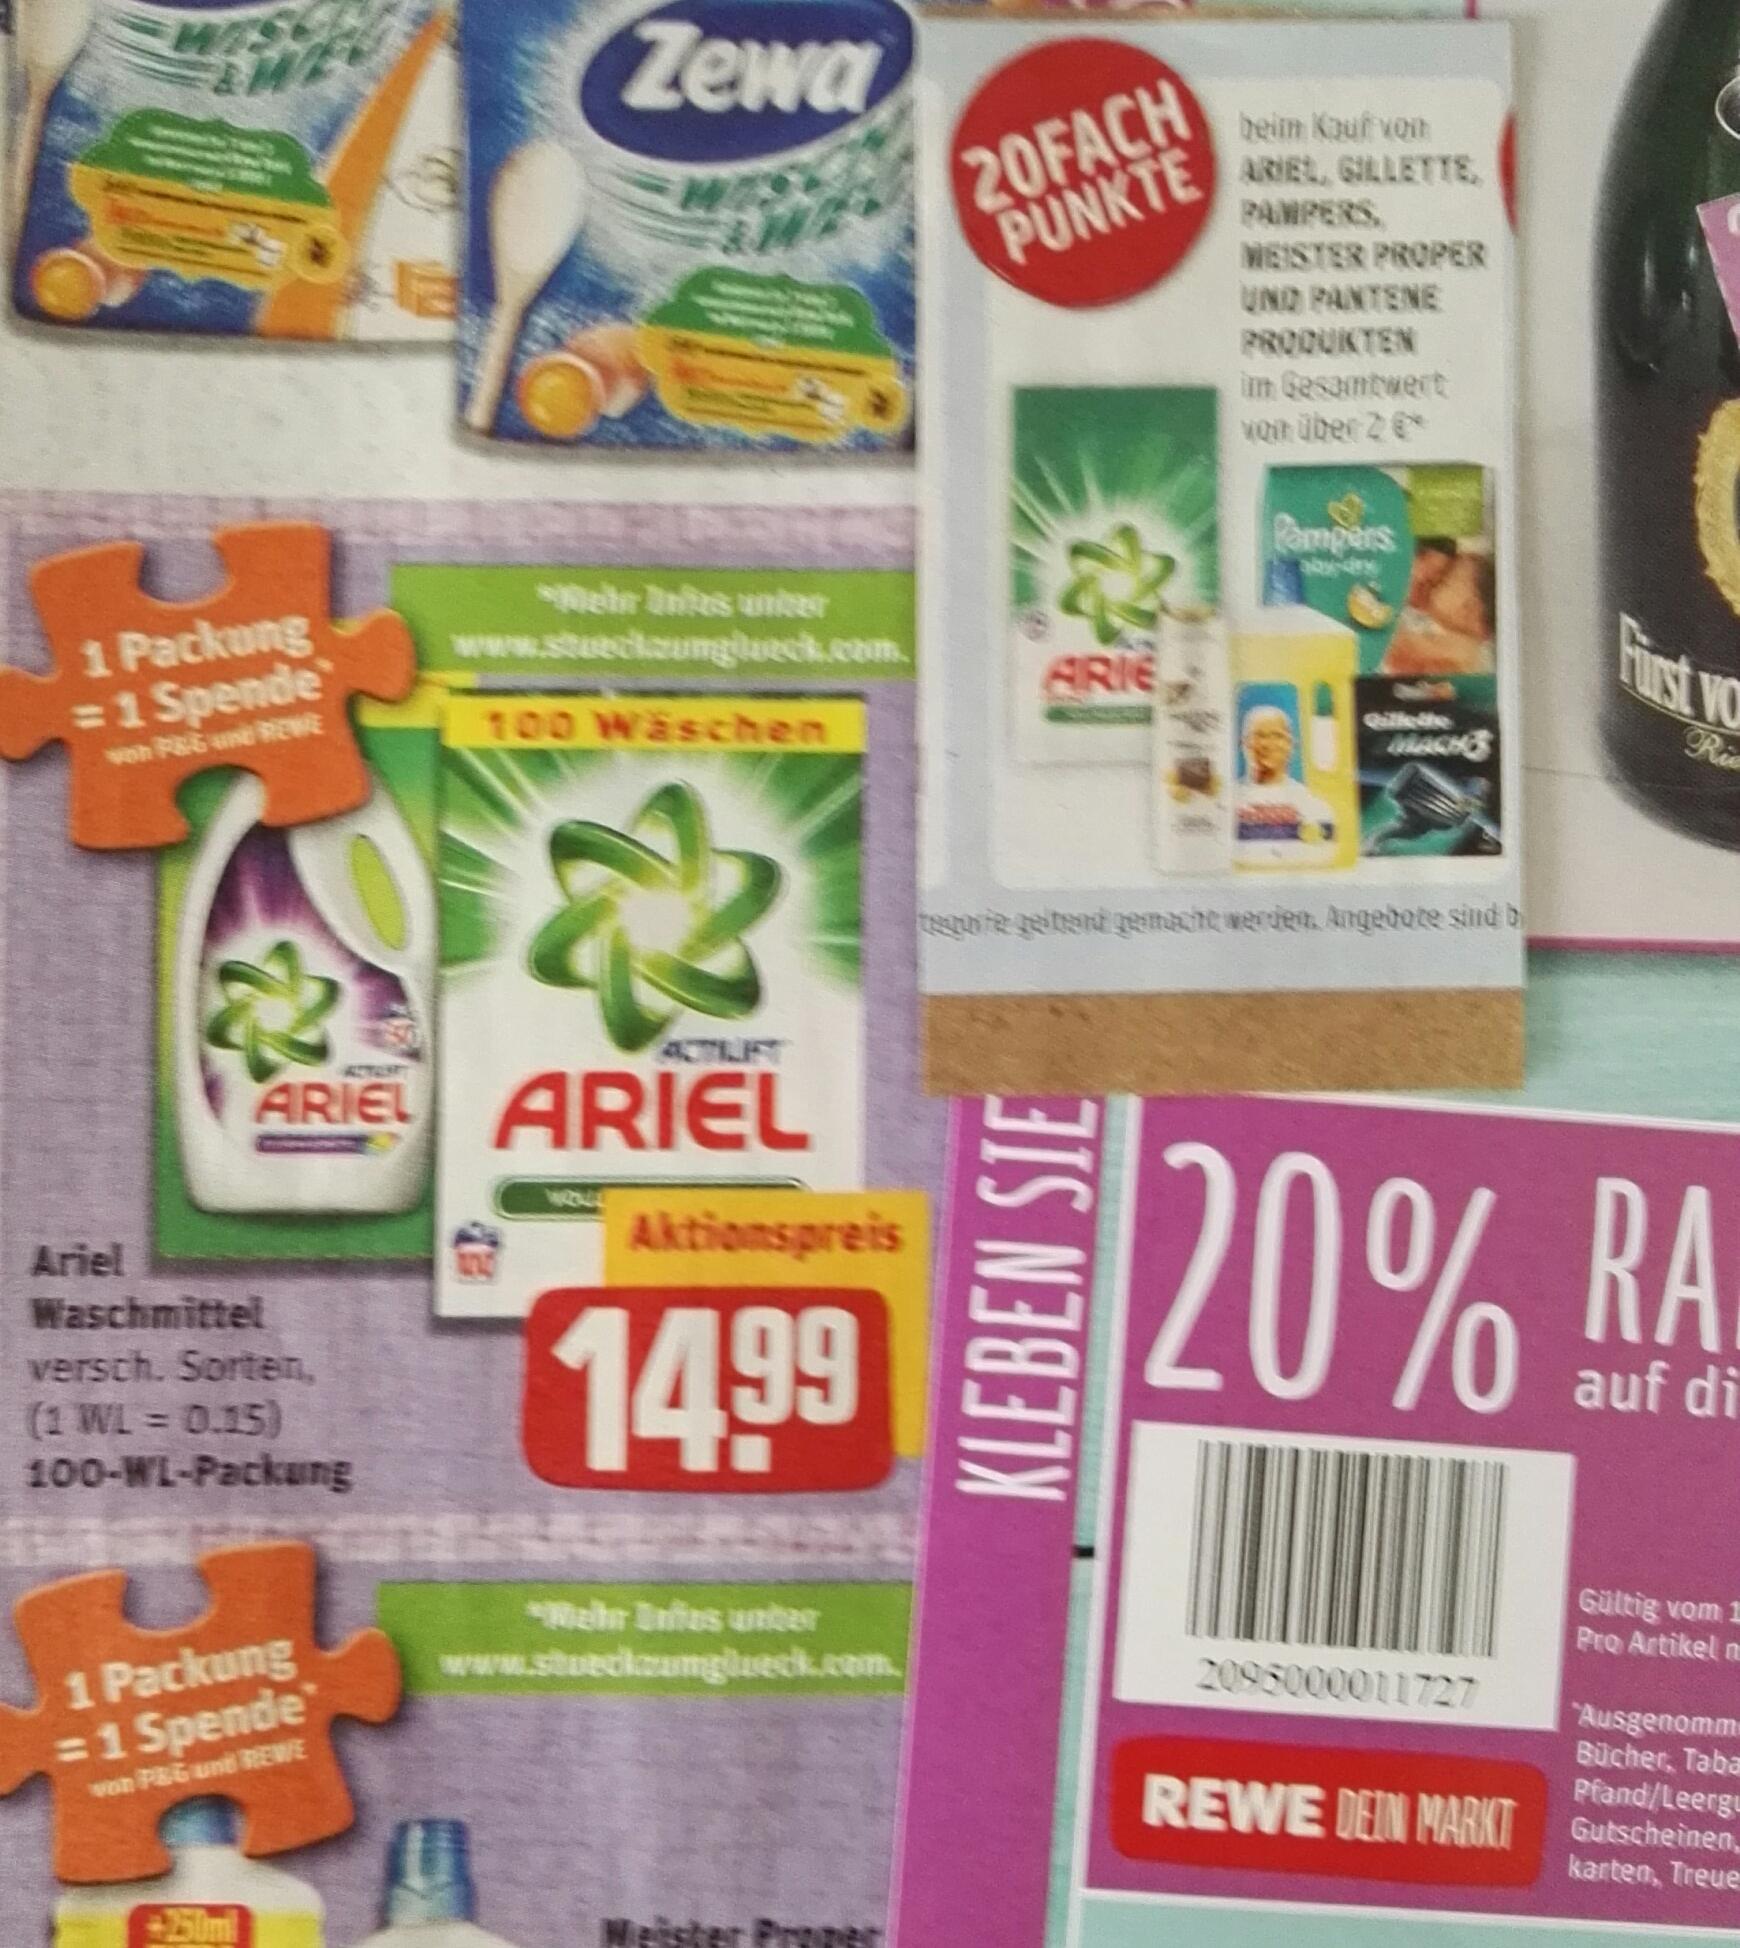 (Rewe mit Payback offline) Ariel 100WL für 10,80€ (11Cent pro WL)